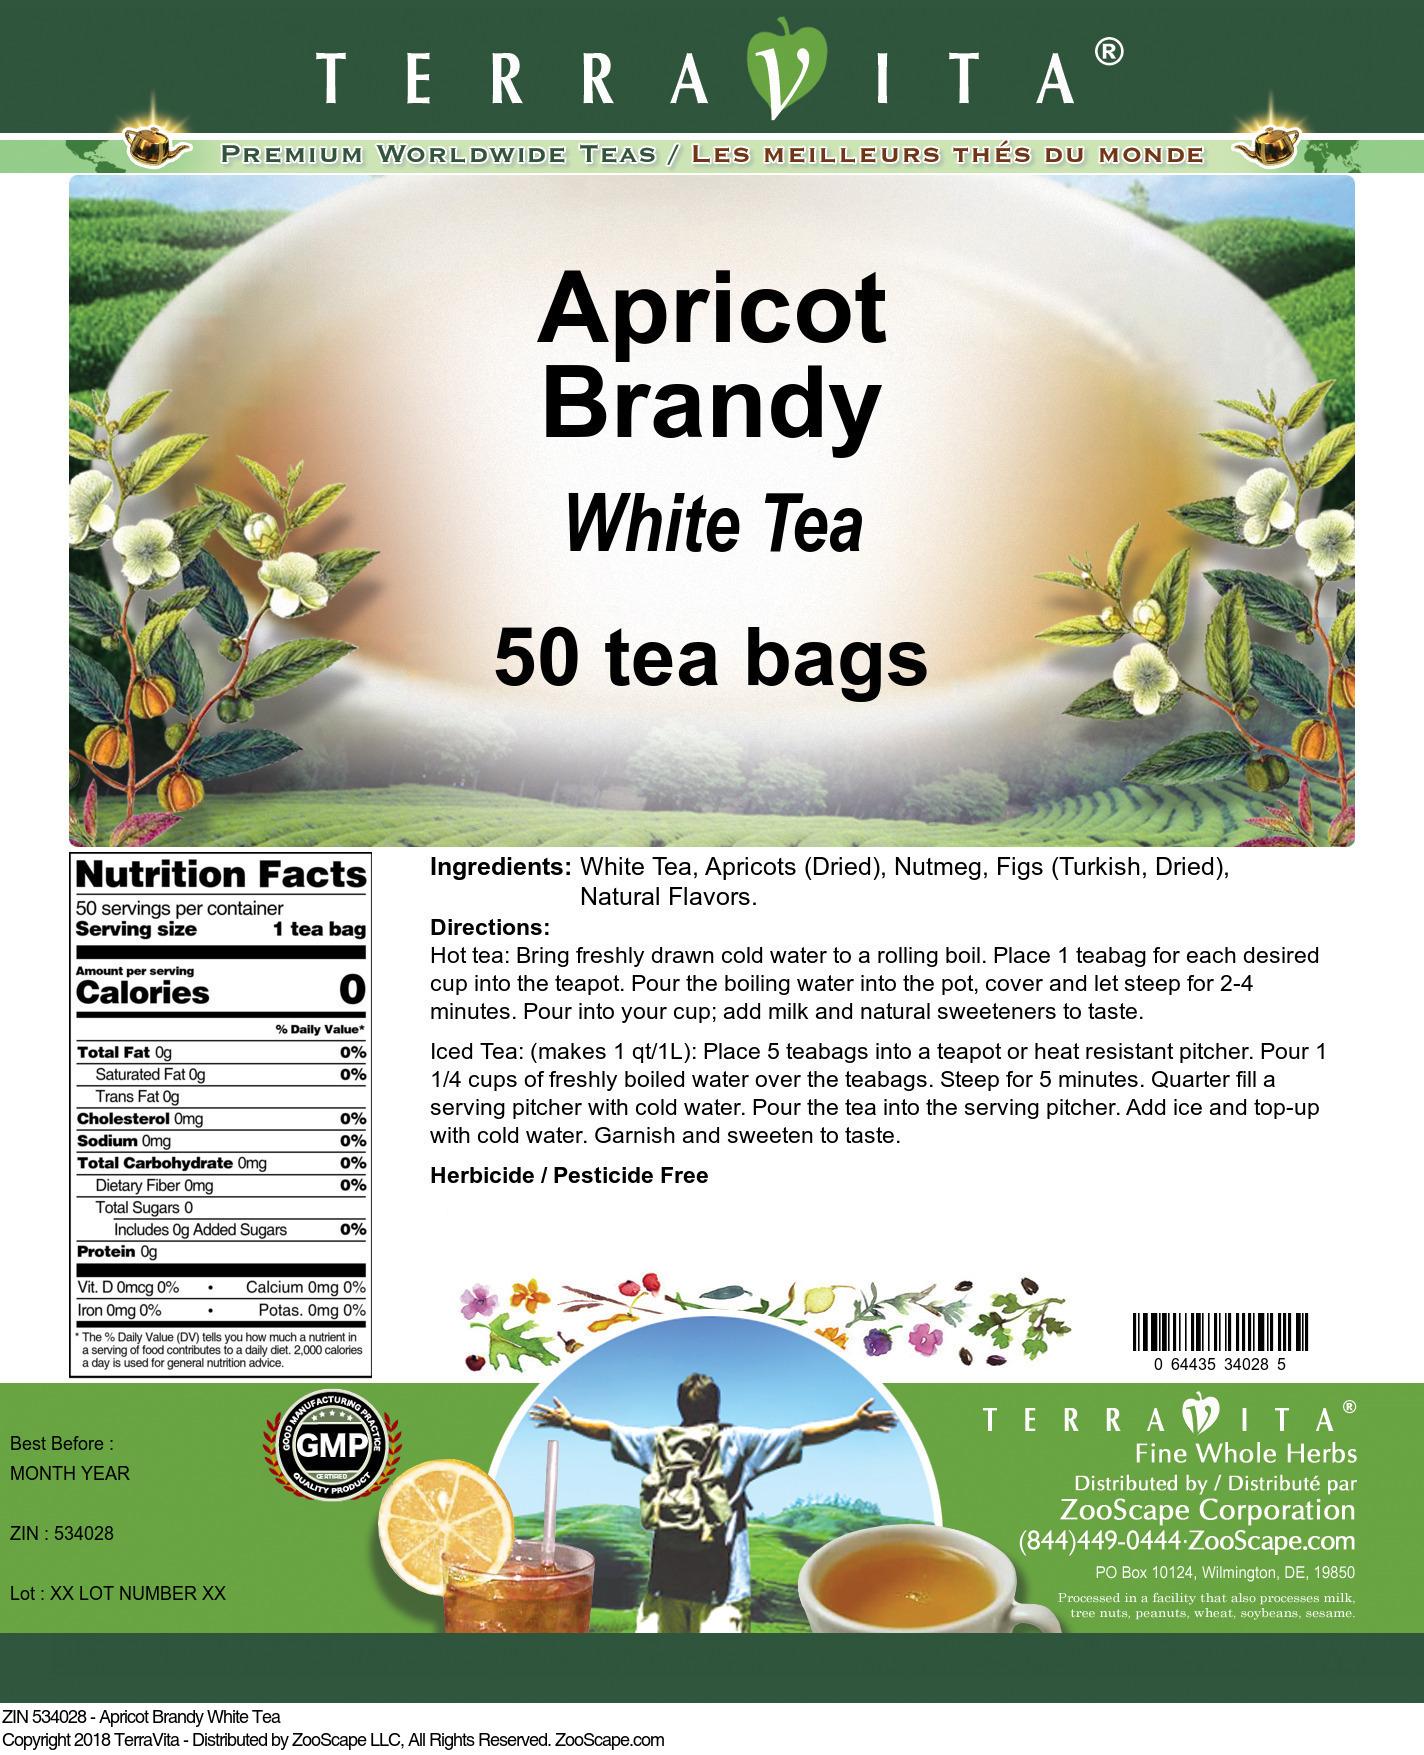 Apricot Brandy White Tea